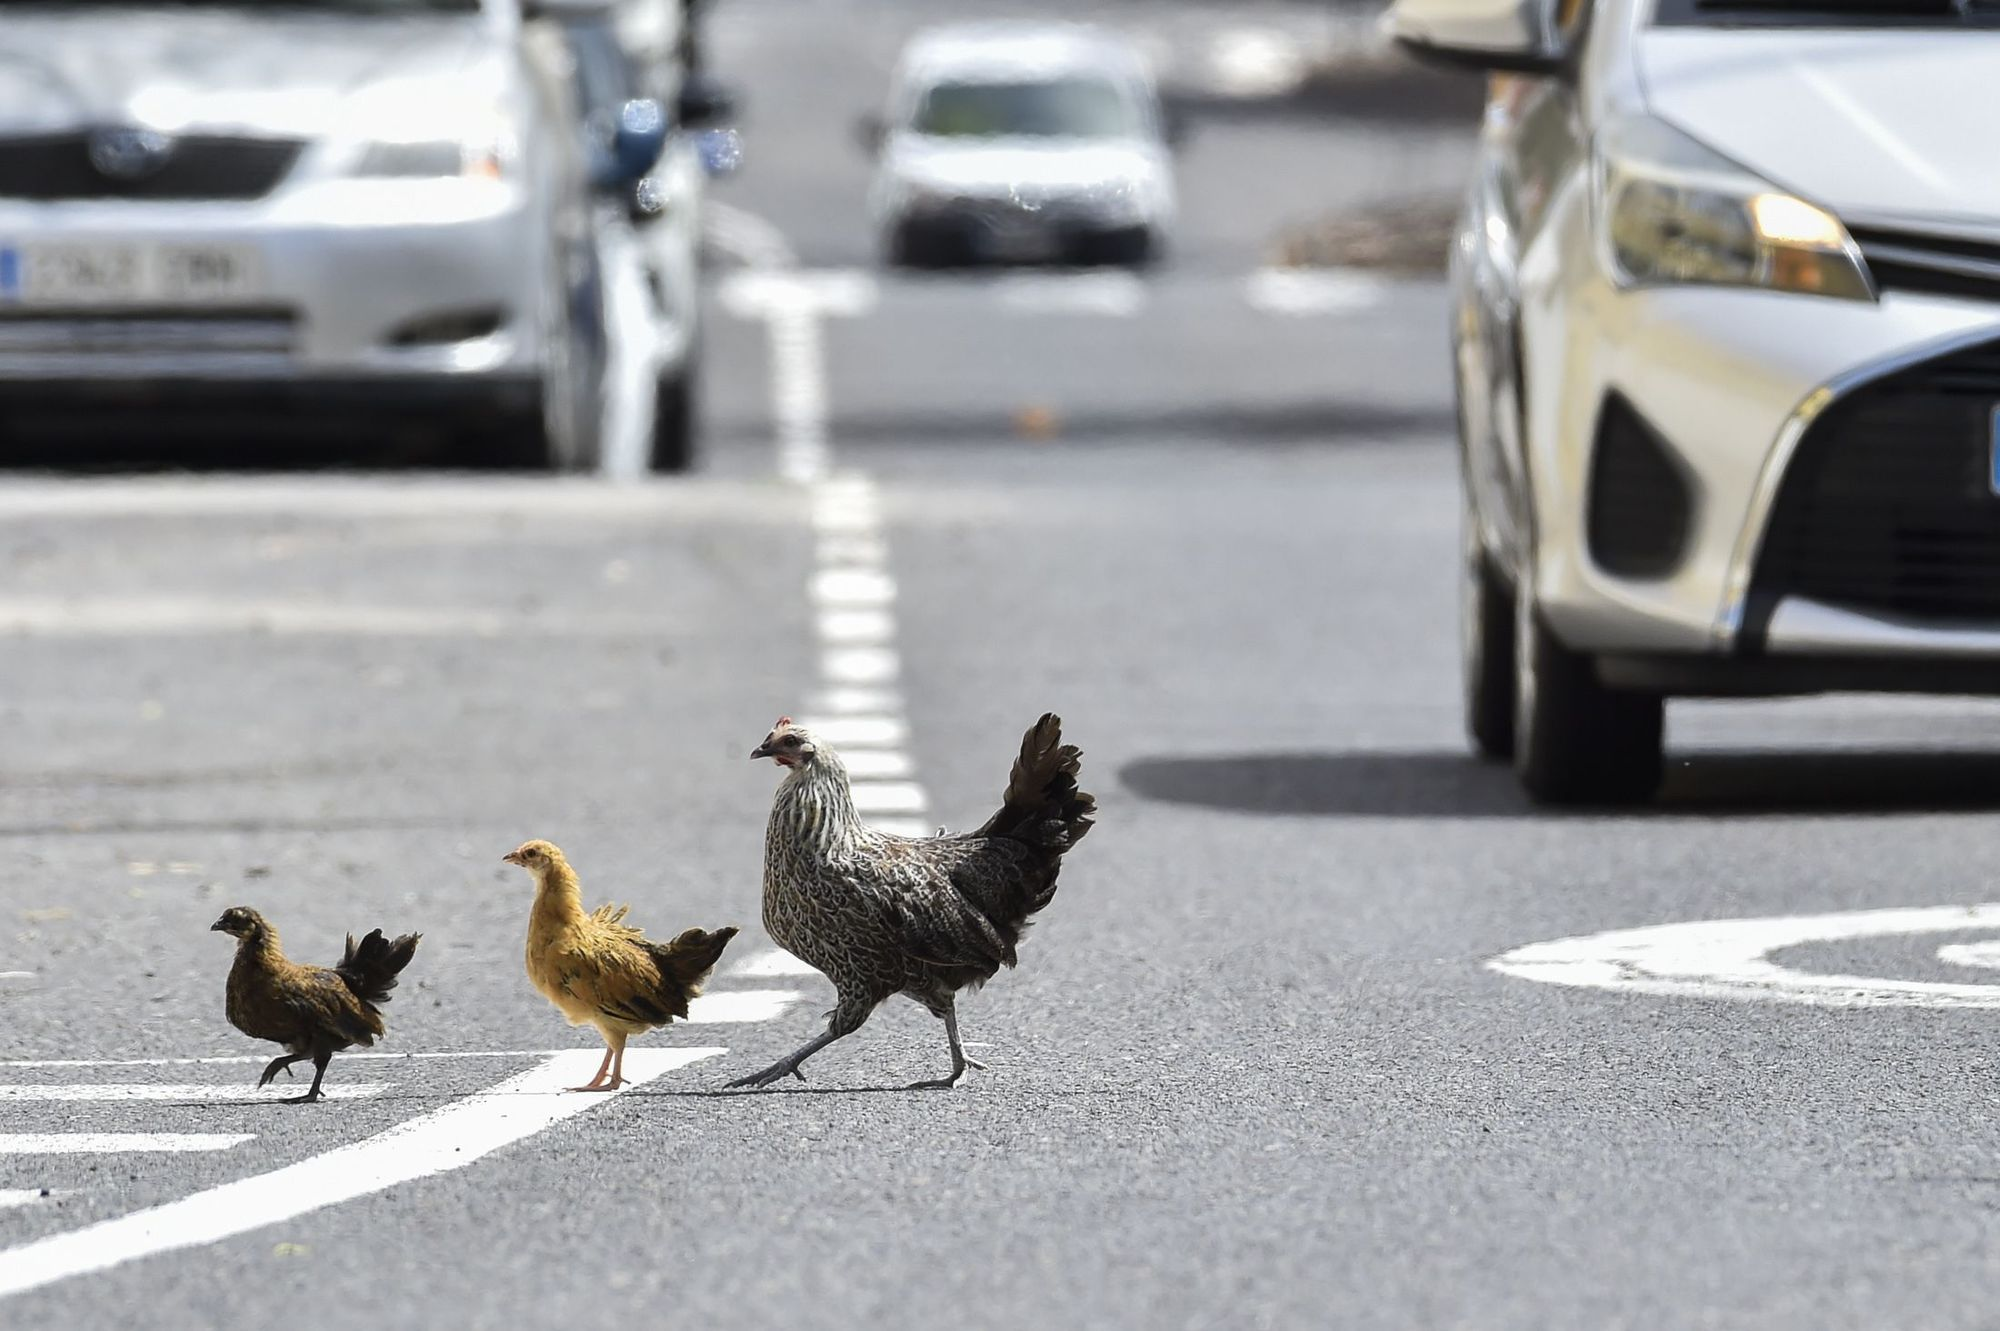 Colonia de gallos y gallinas sueltas por las calles de Salto del Negro